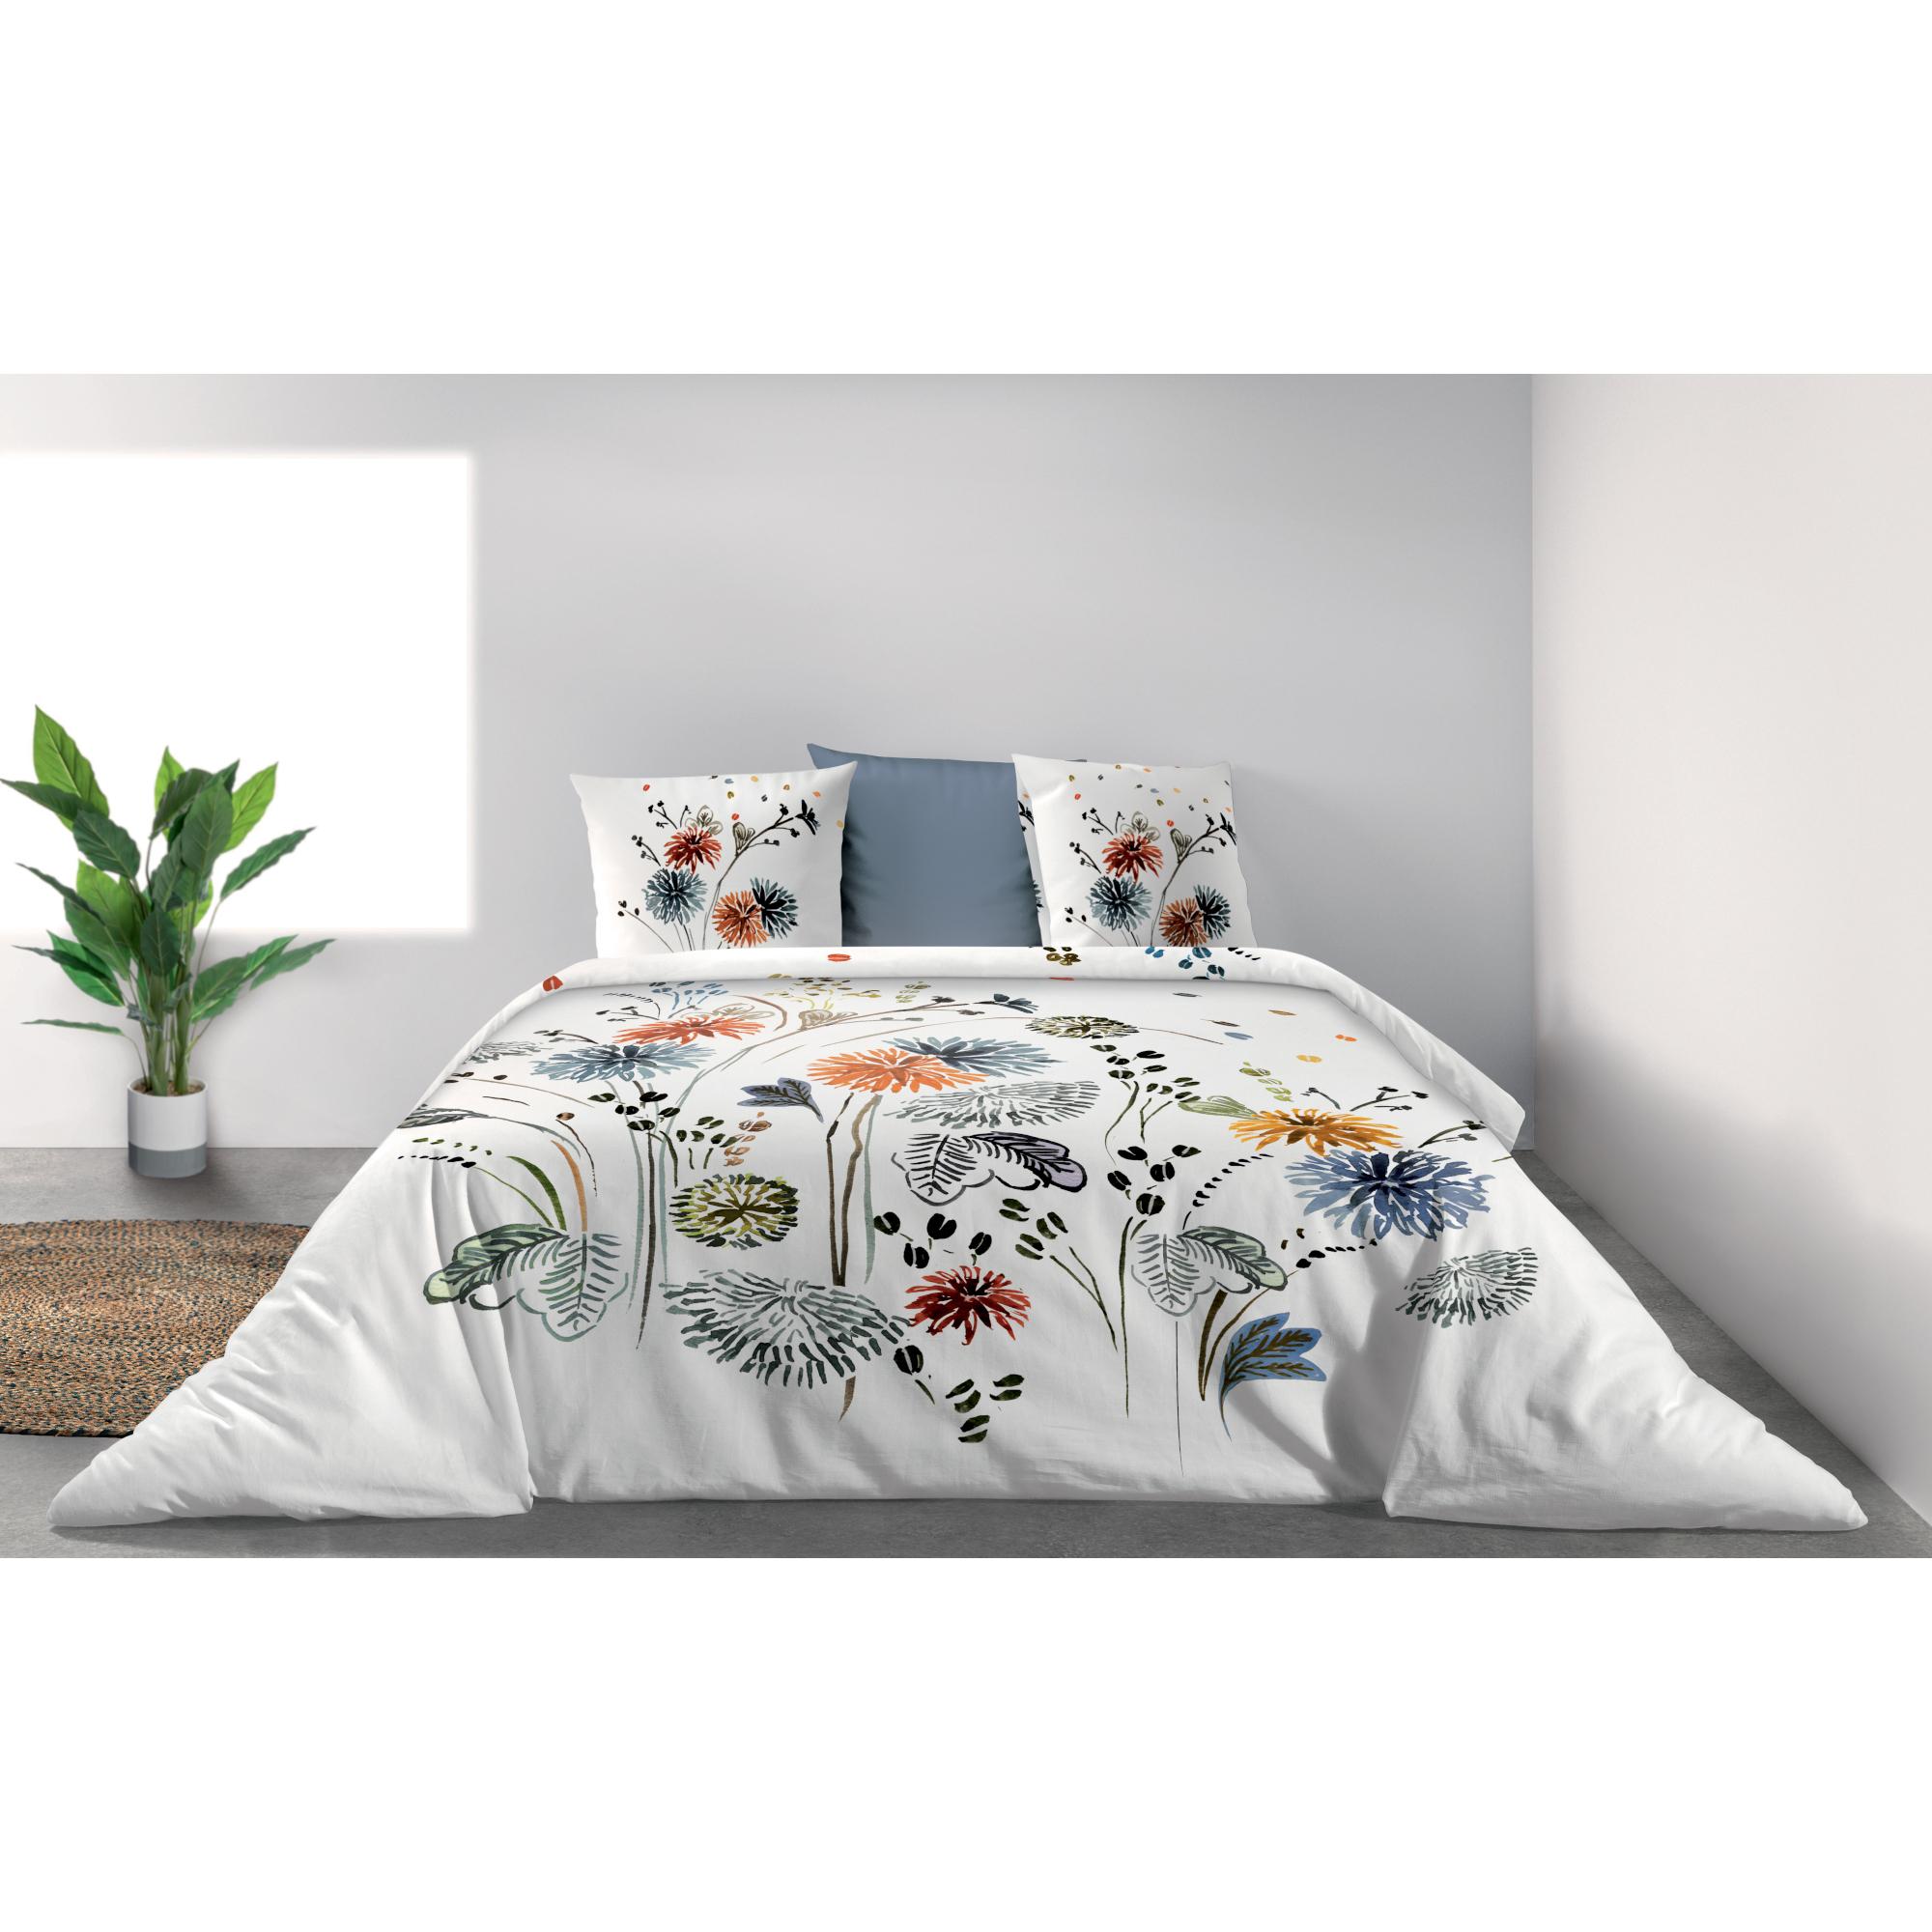 Parure de lit Bio 2 personnes Champêtre avec housse de couette et taies d'oreiller Imprimé 240 x 220